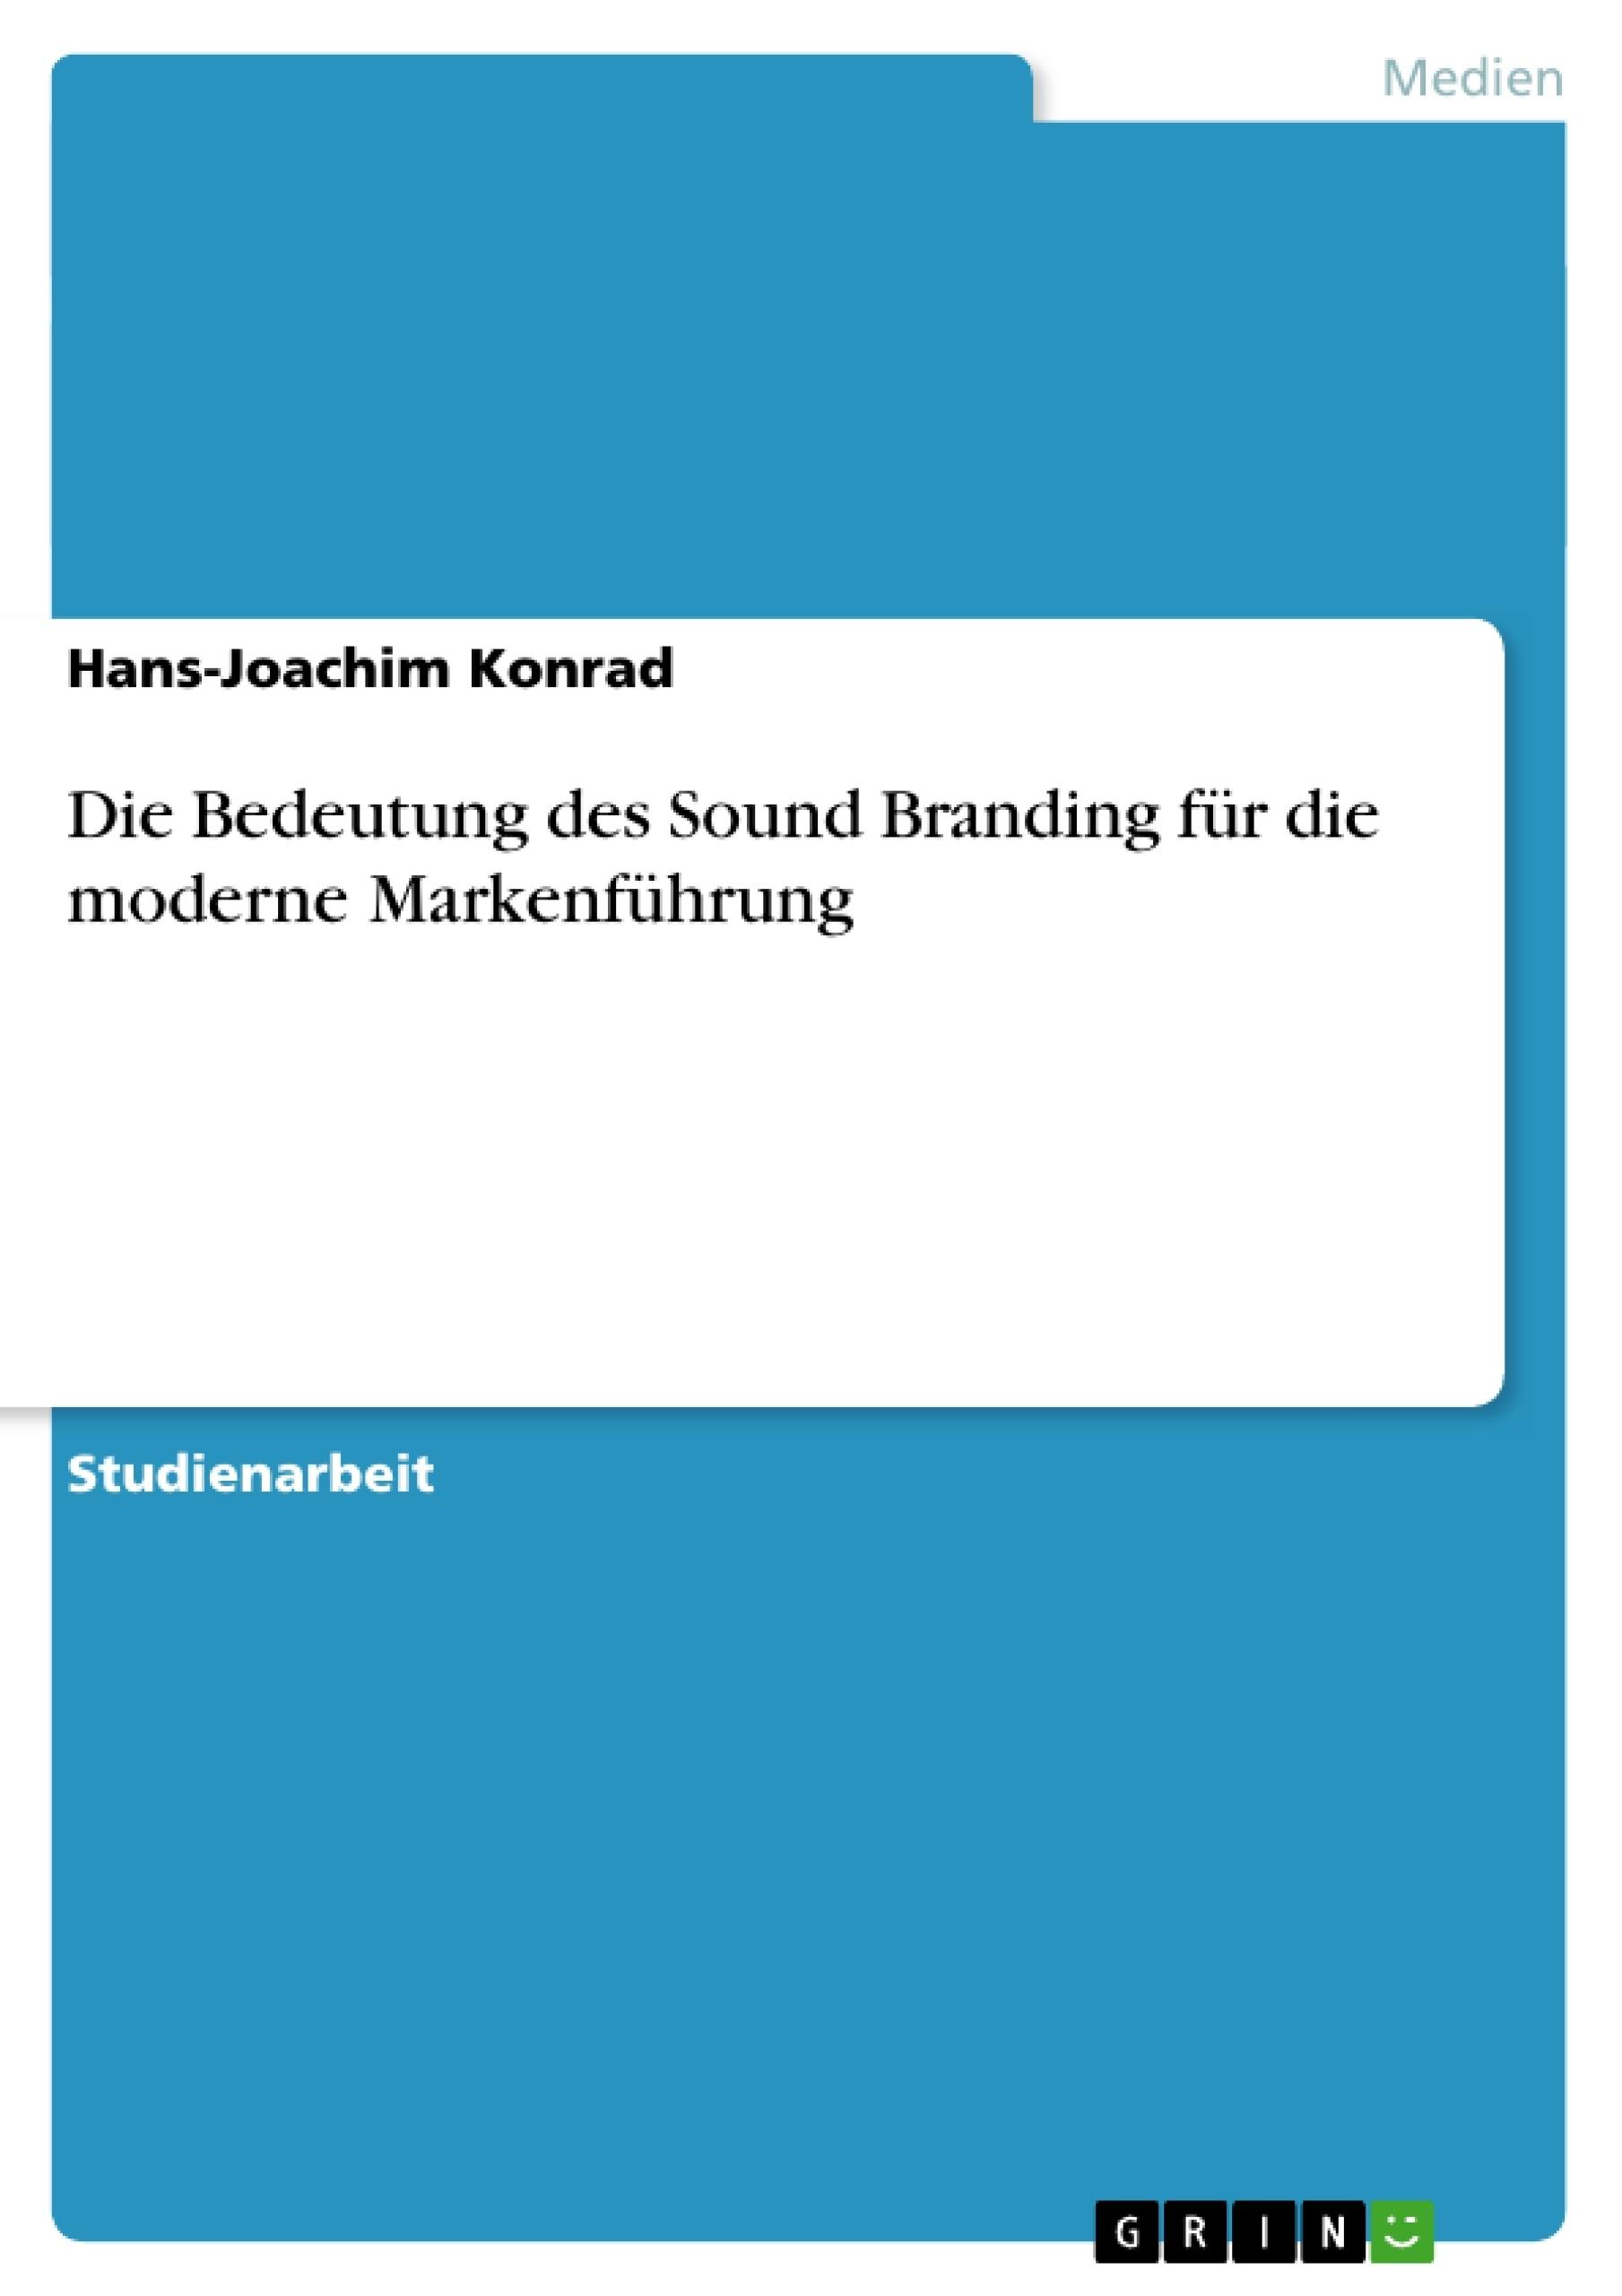 Titel: Die Bedeutung des Sound Branding für die moderne Markenführung